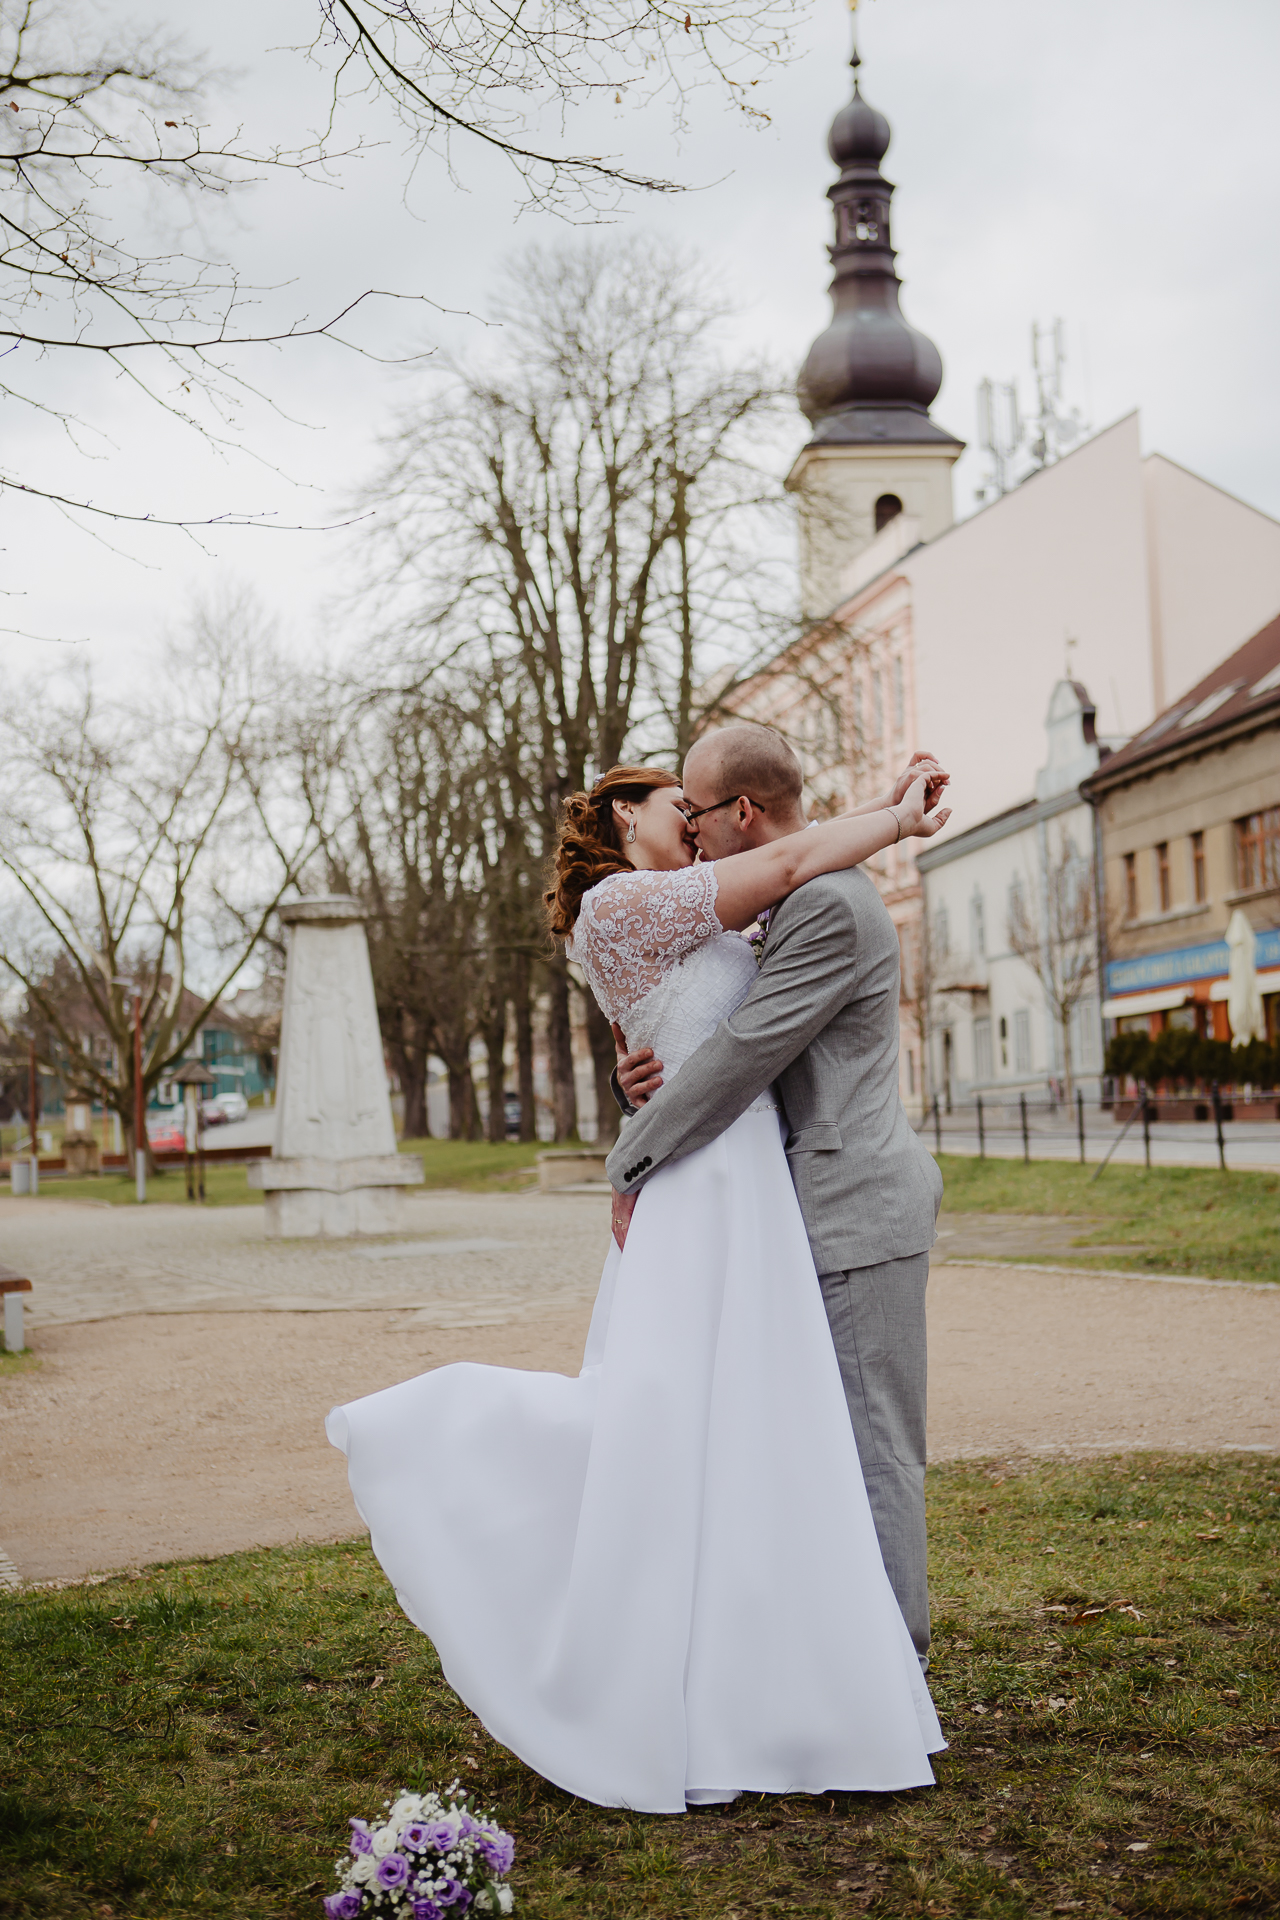 Studio Beautyfoto Lysá nad Labem, svatební fotograf, svatební kameraman, svatební fotografka, svatební klip